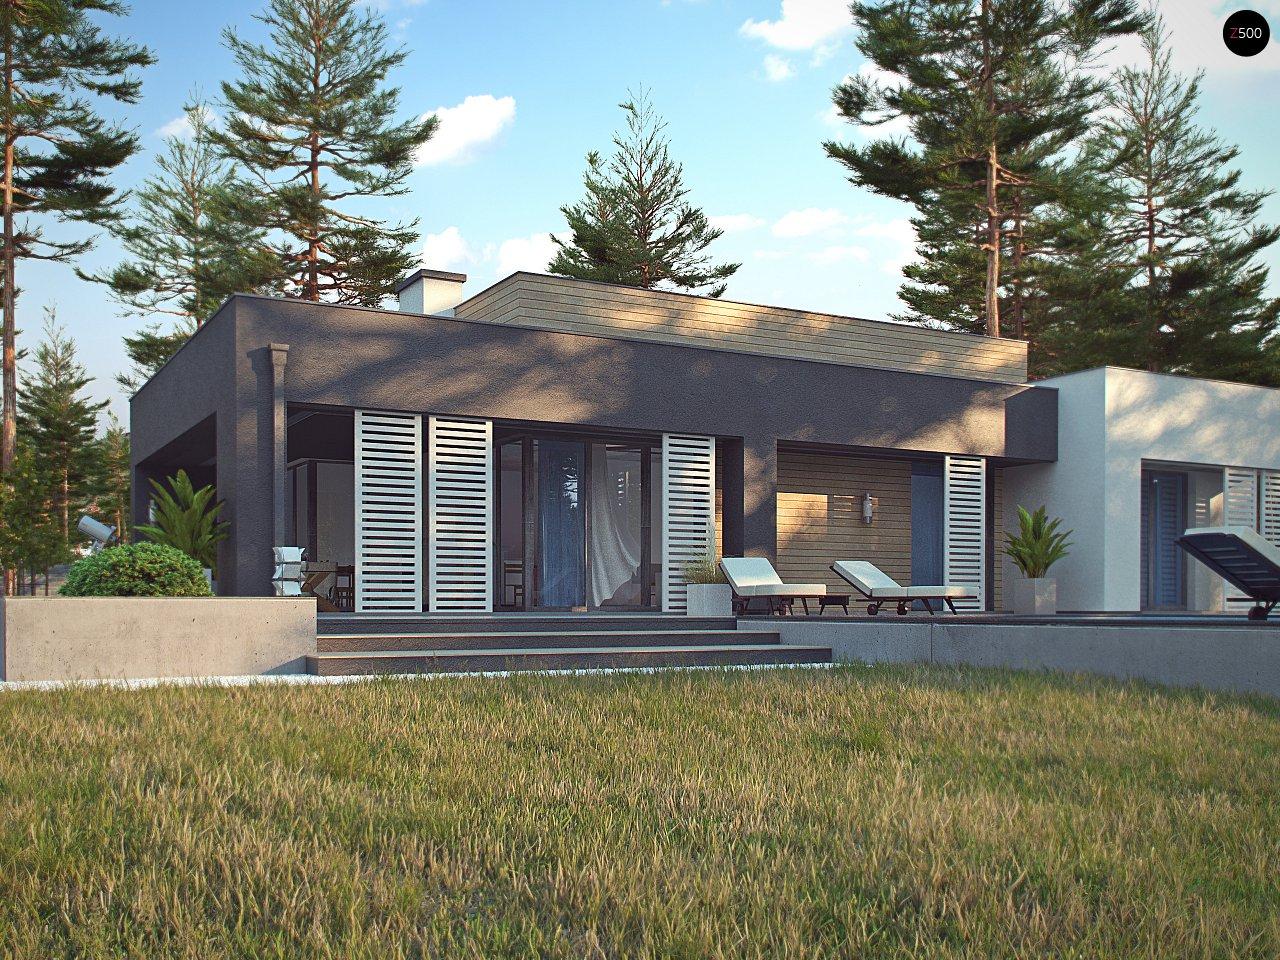 Одноэтажный дом в стиле хай-тек с плоской кровлей и большой площадью остекления. 10